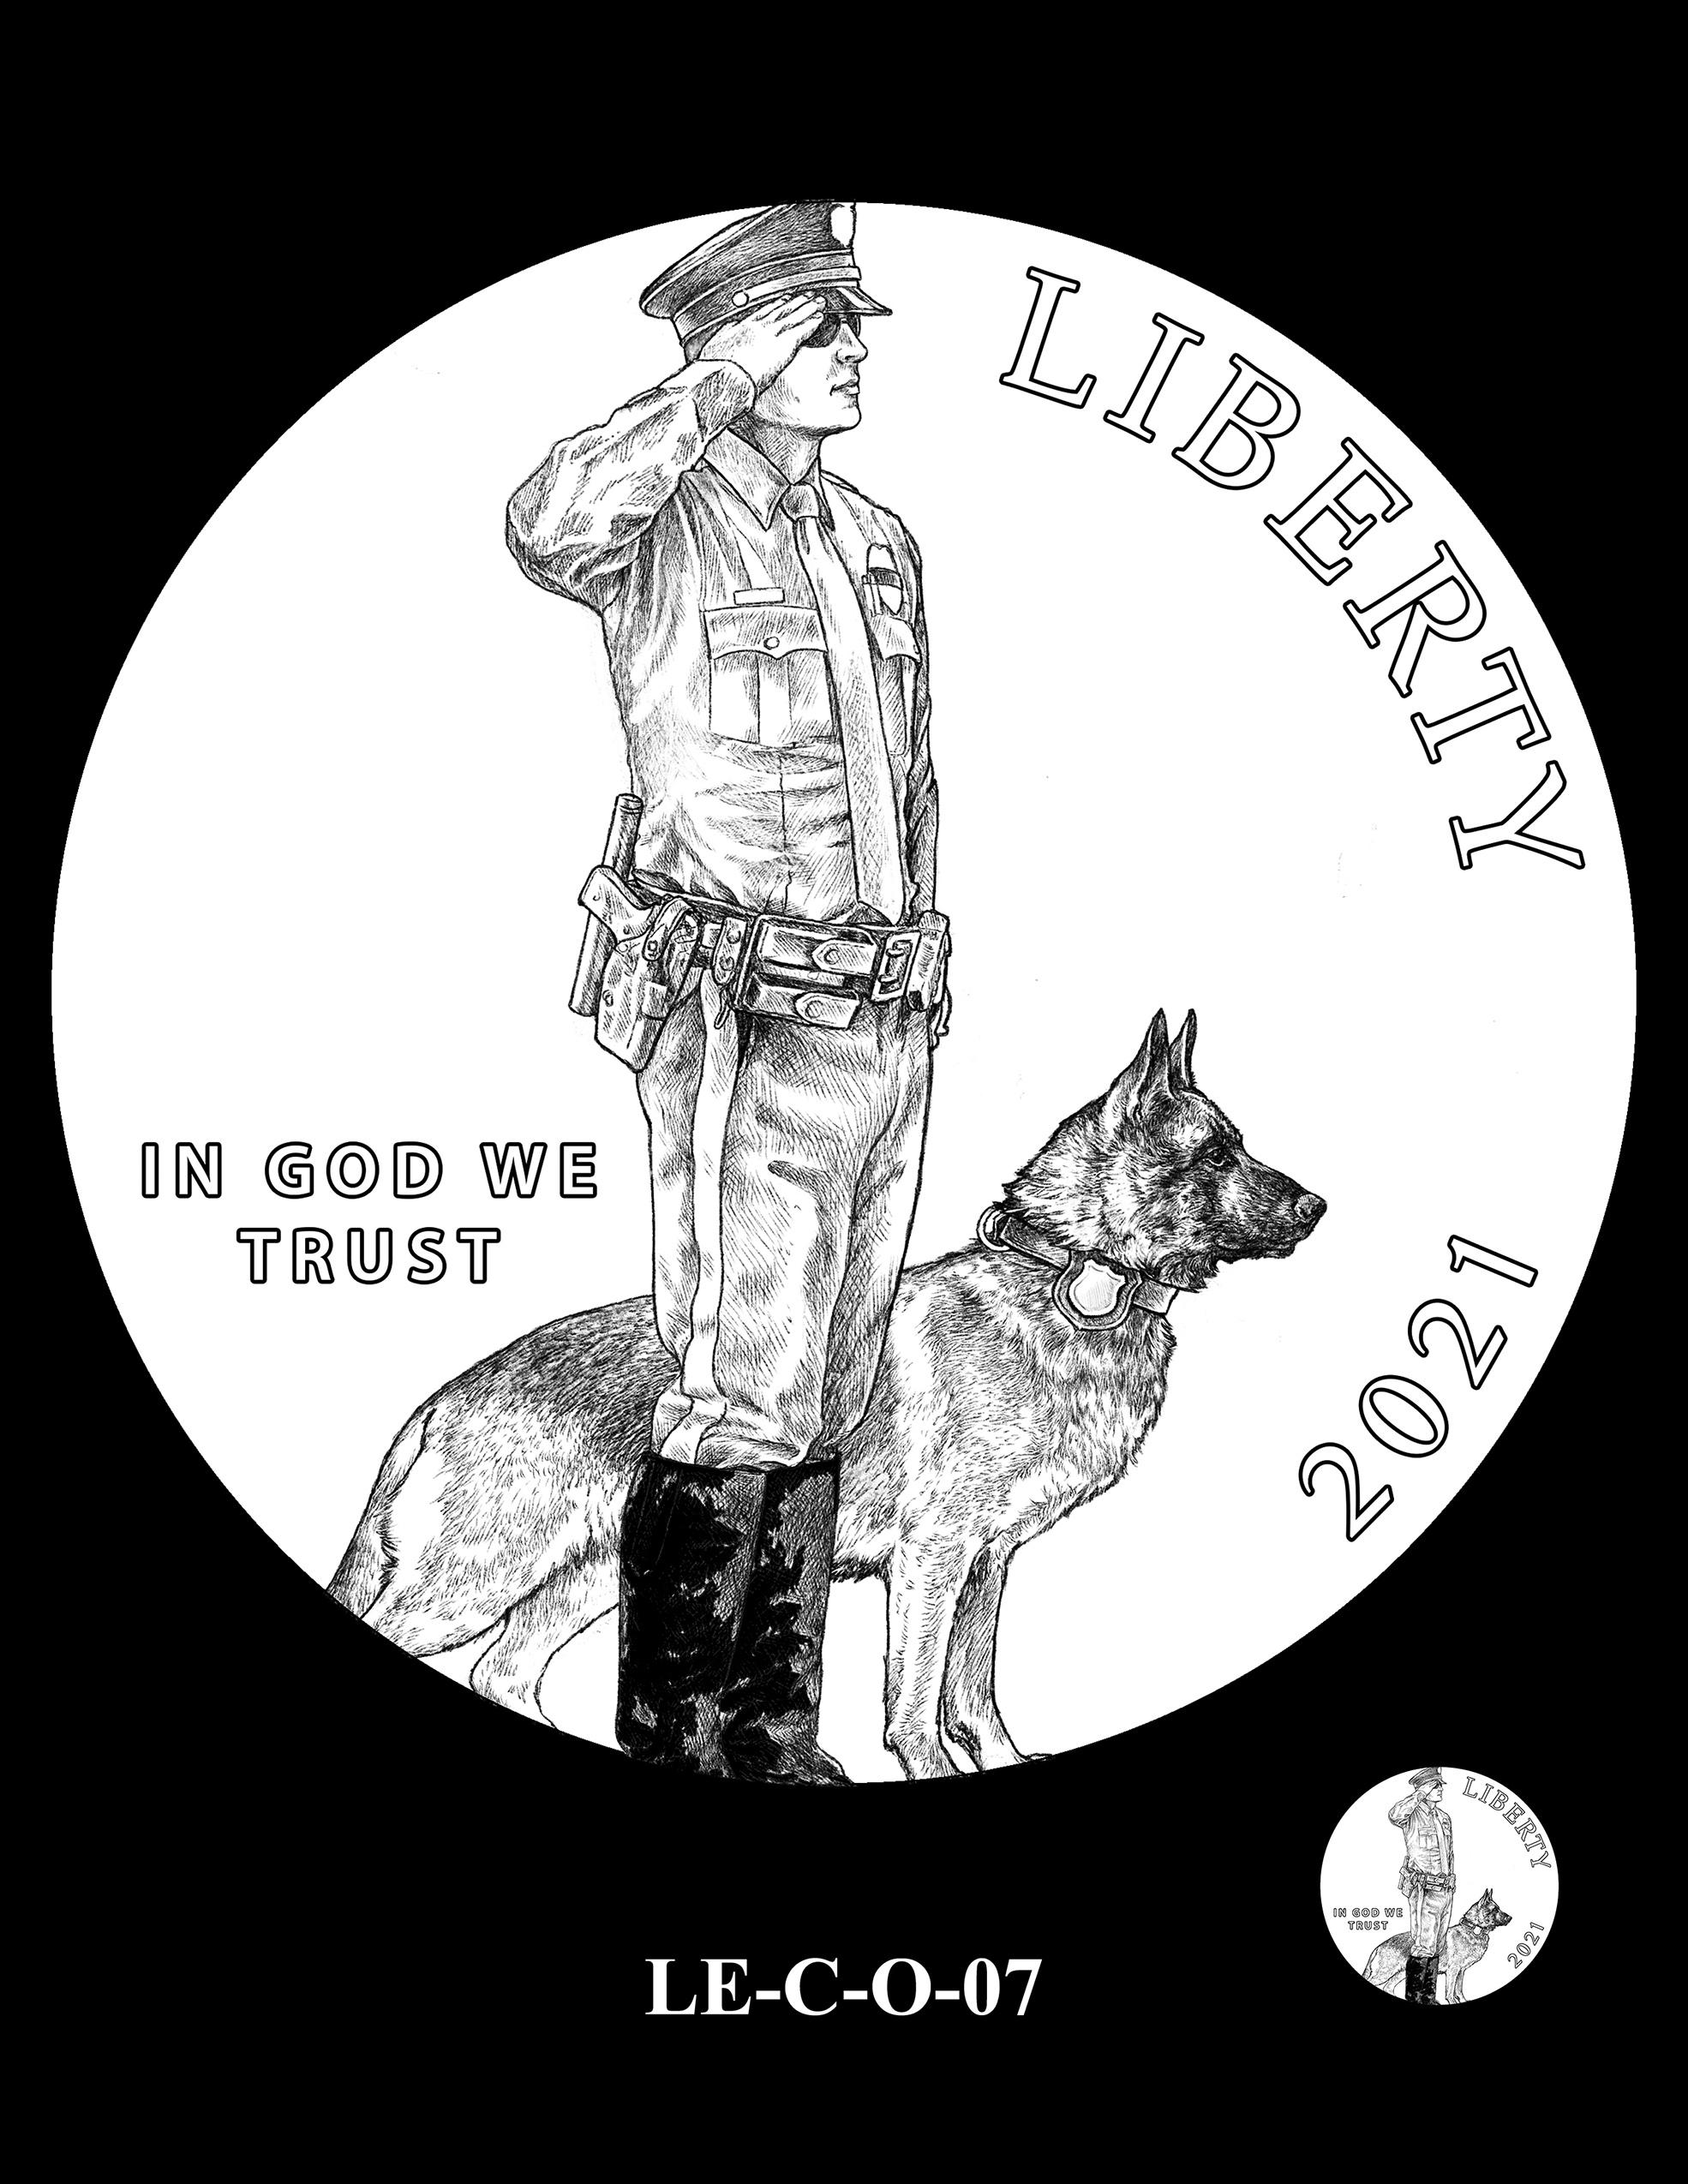 LE-C-O-07 -- National Law Enforcement Museum Commemorative Coin Program